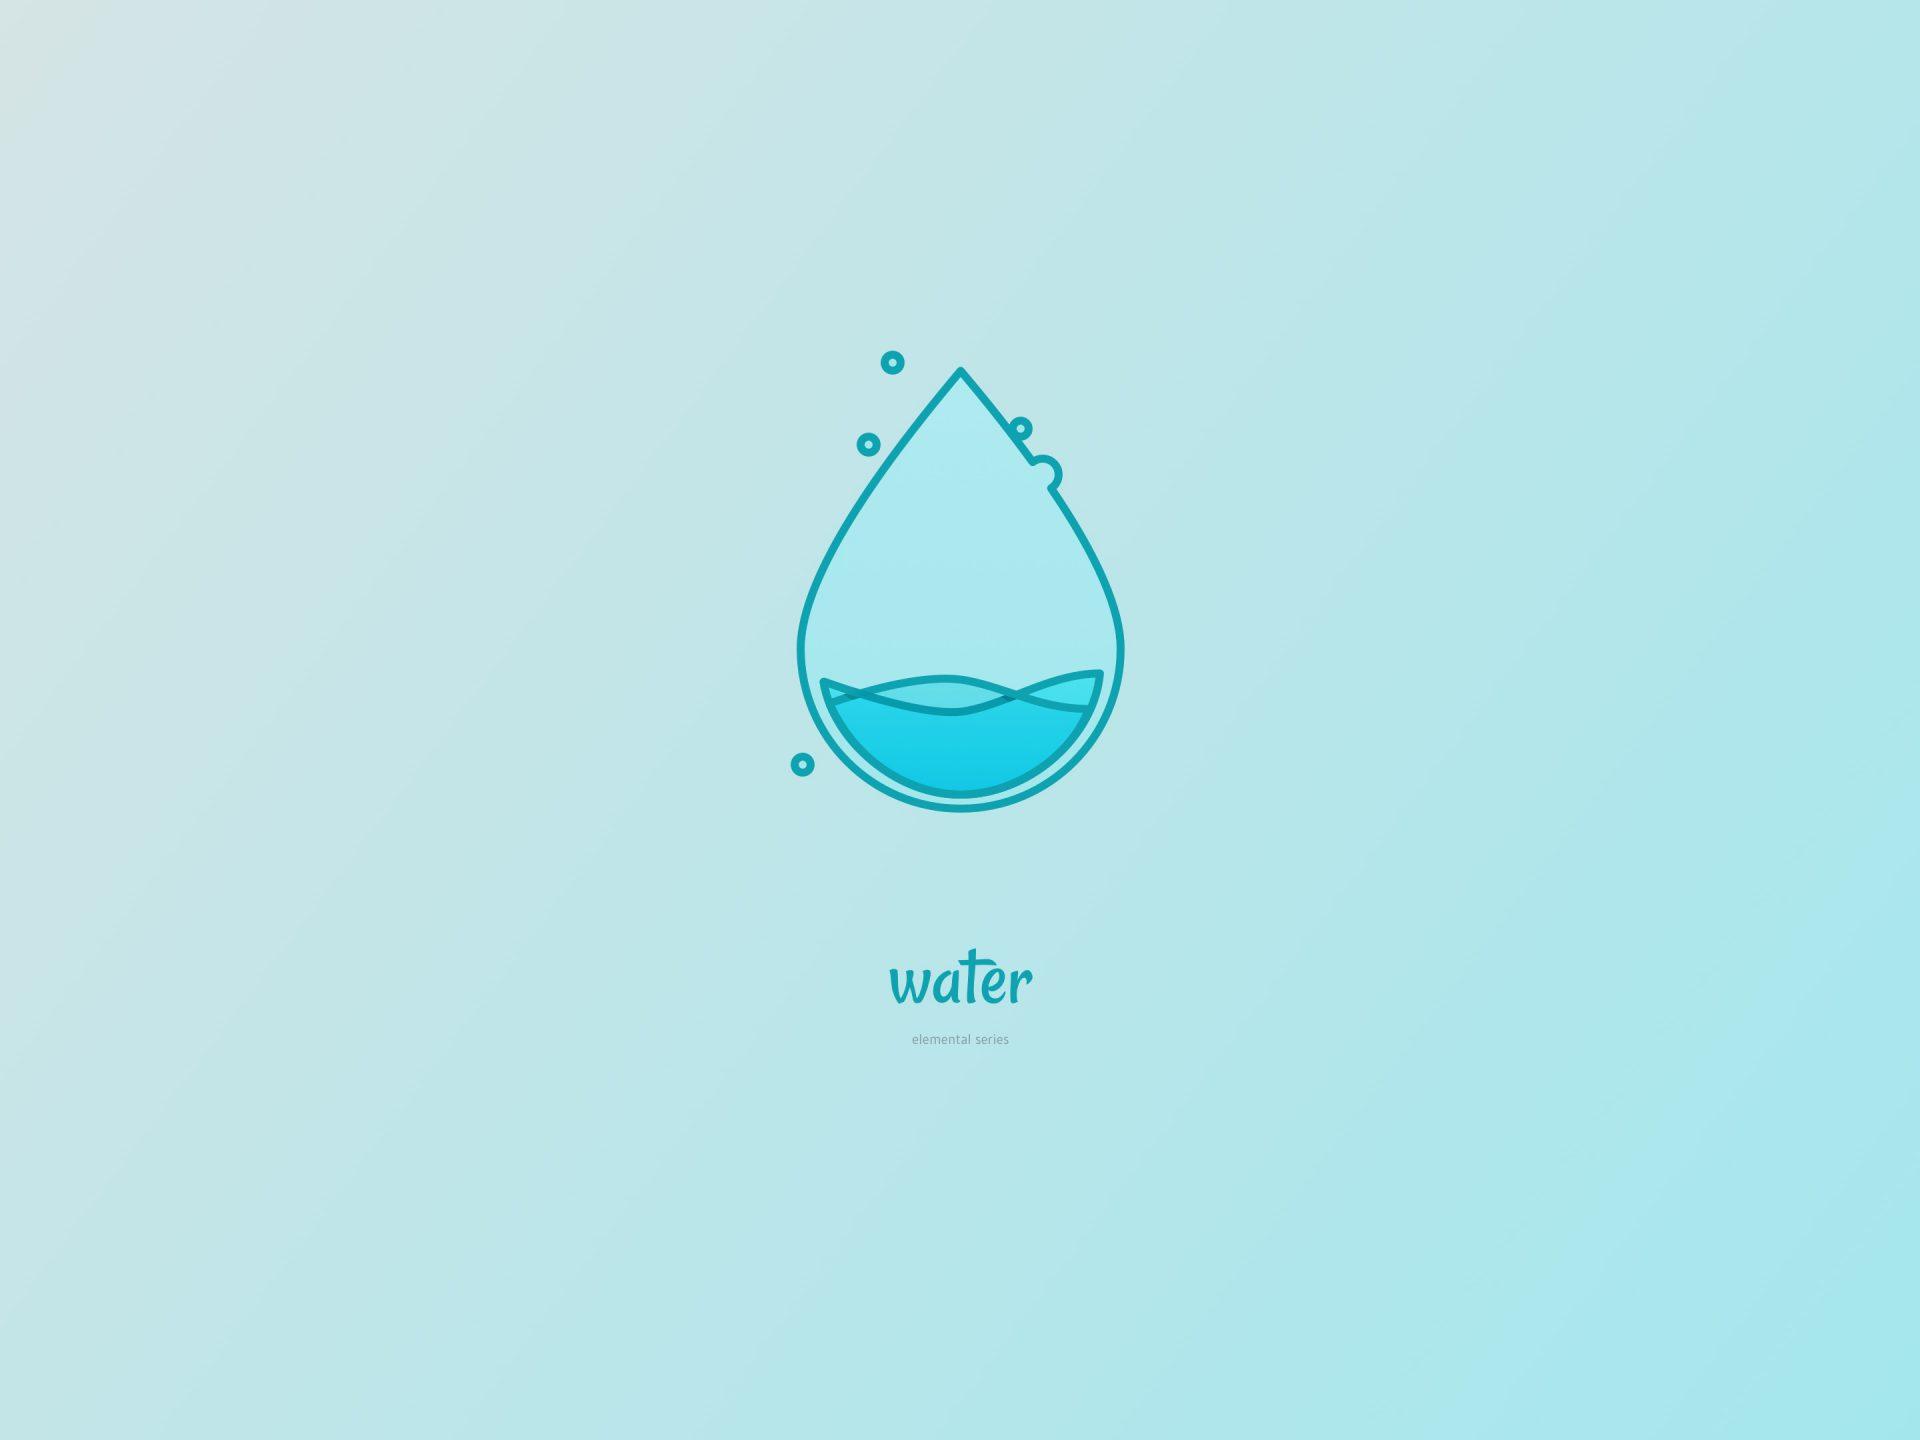 elemental_series_water